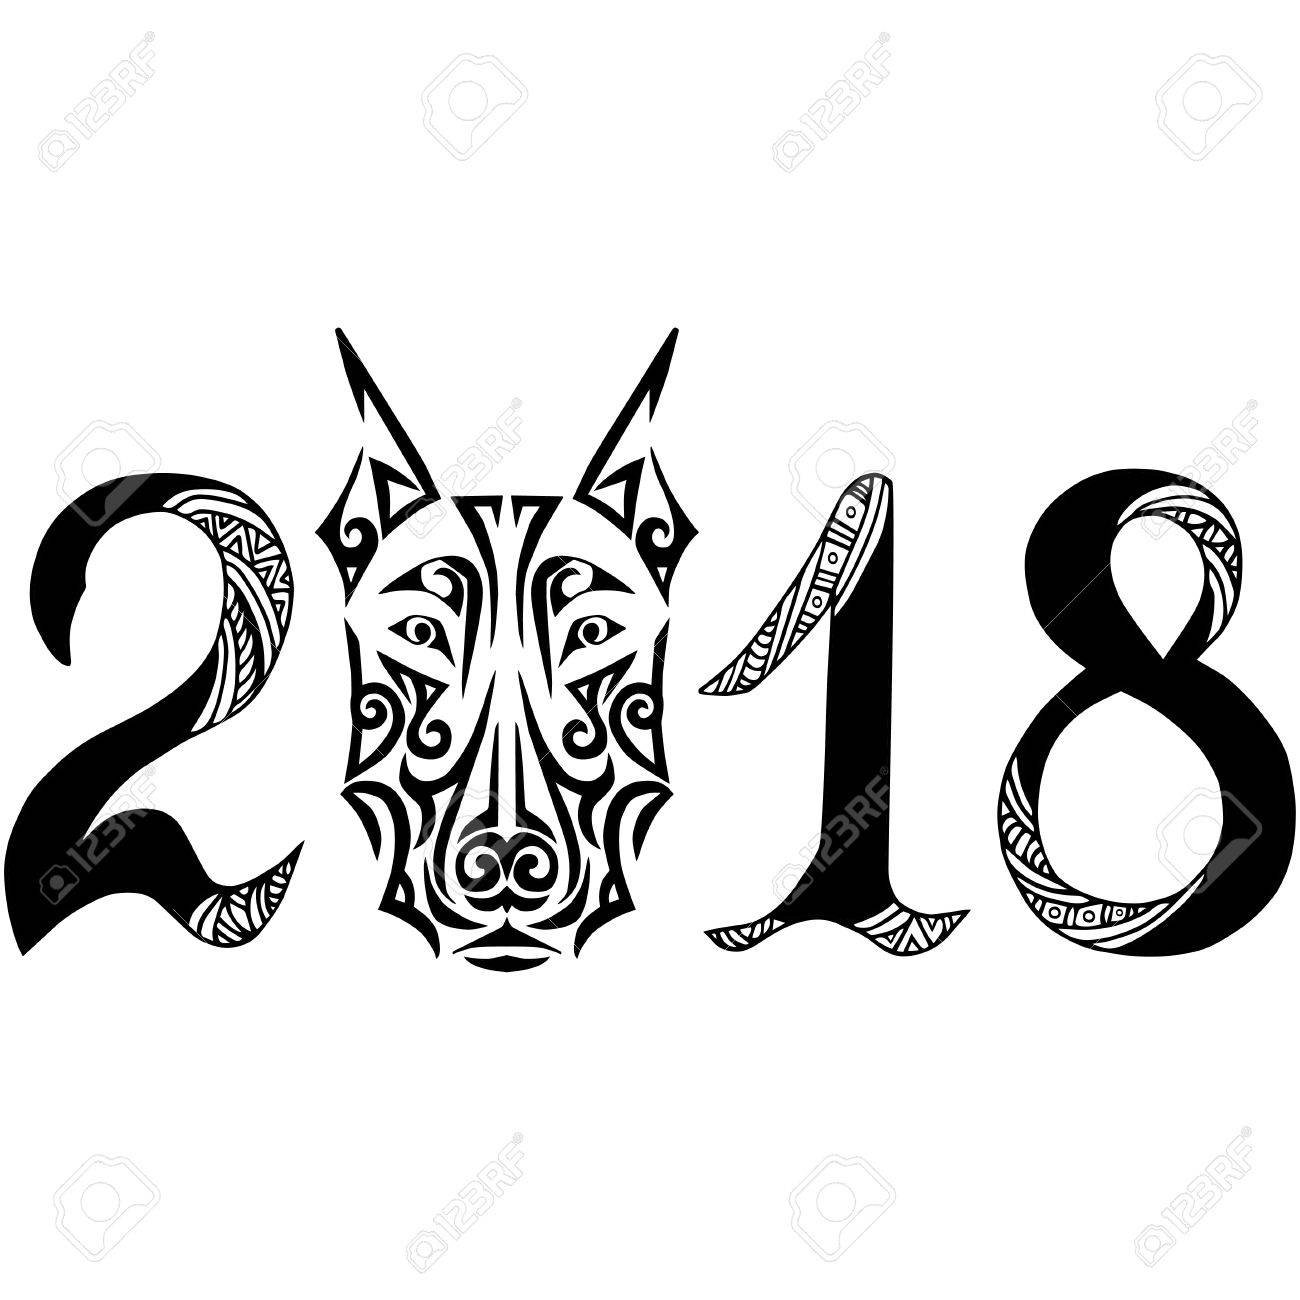 Dibujado A Mano Signo 2018 Con La Cabeza De Perro Doberman